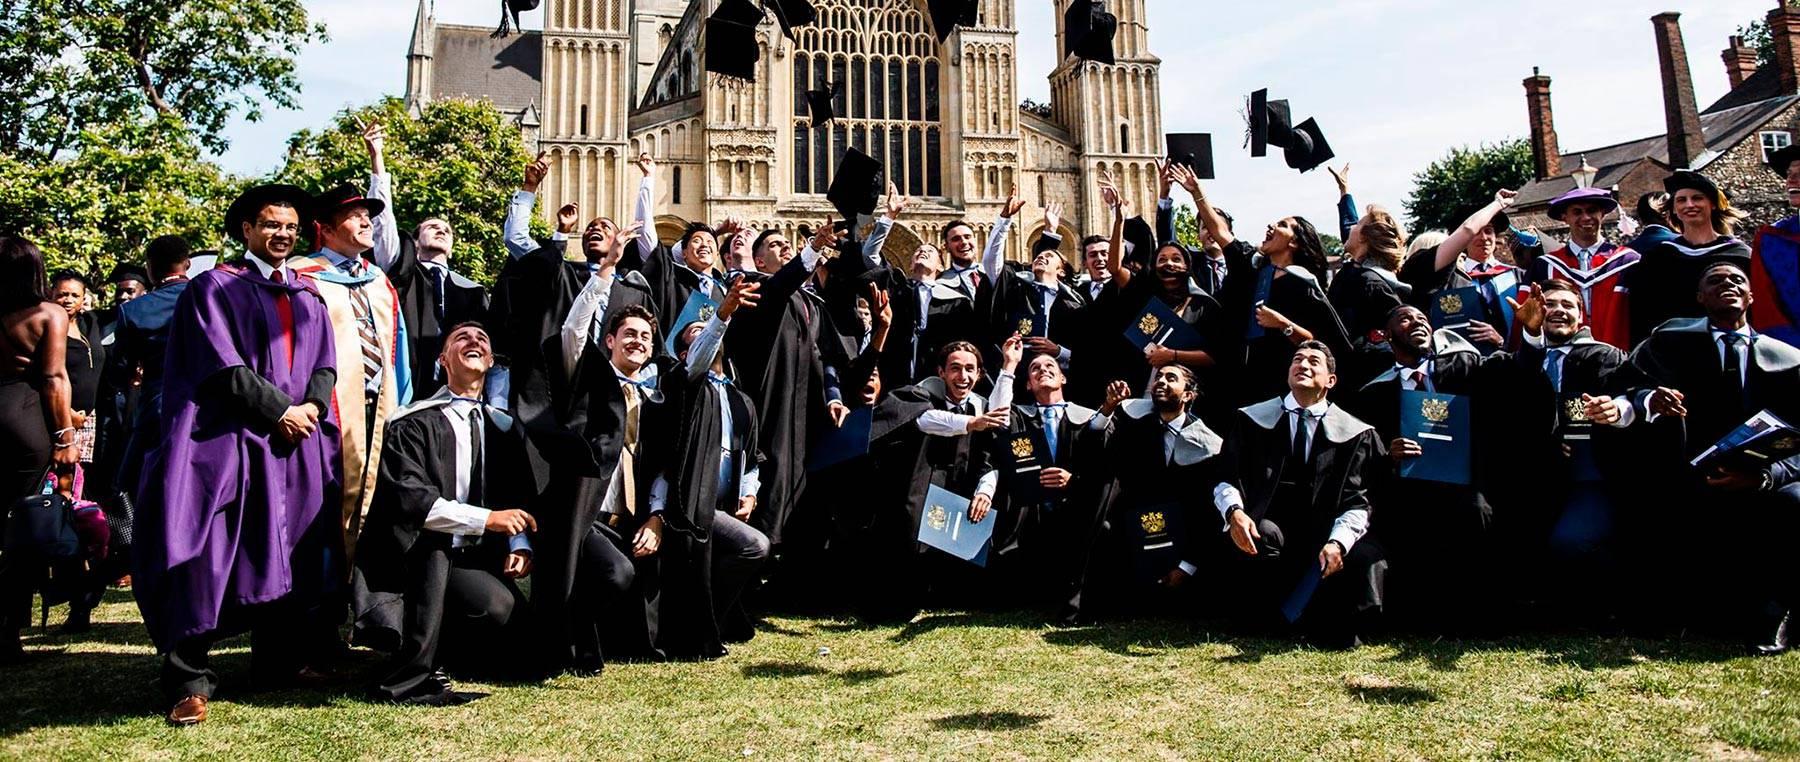 Среднее образование в англии, частные и государственные средние школы в великобритании